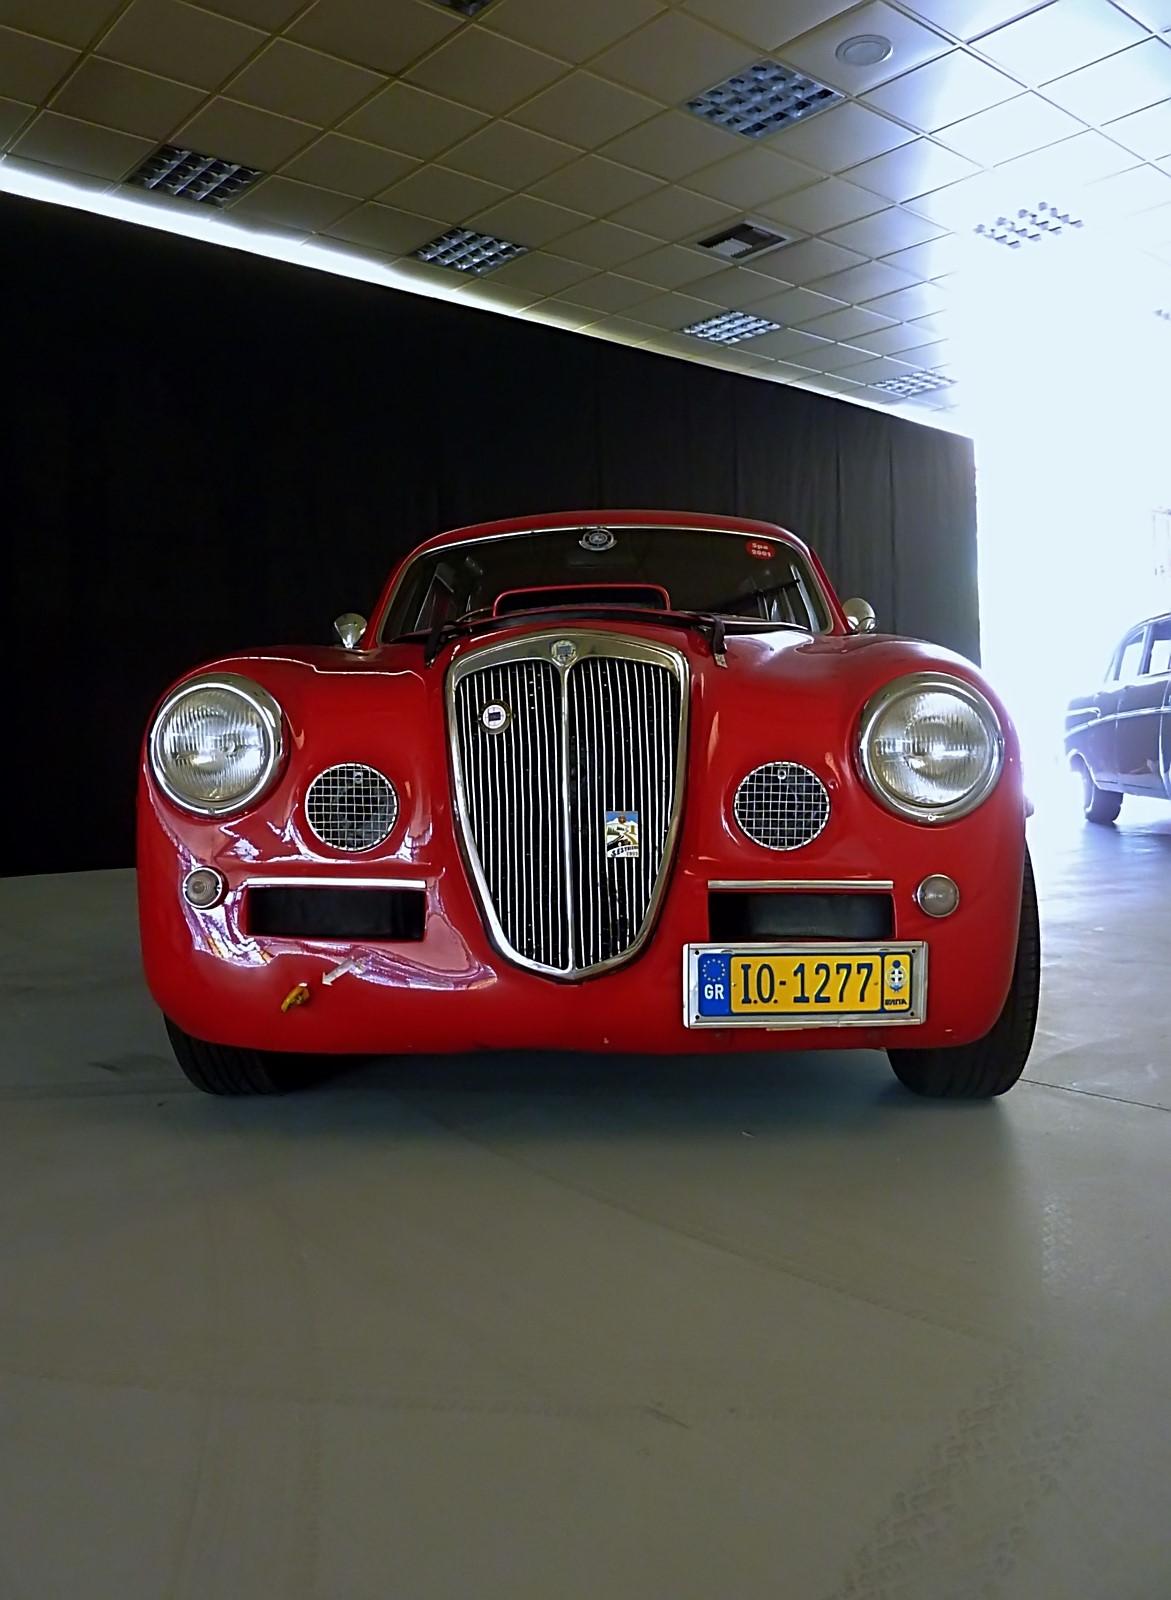 1953 Lancia Aurelia B24 ex L (22)